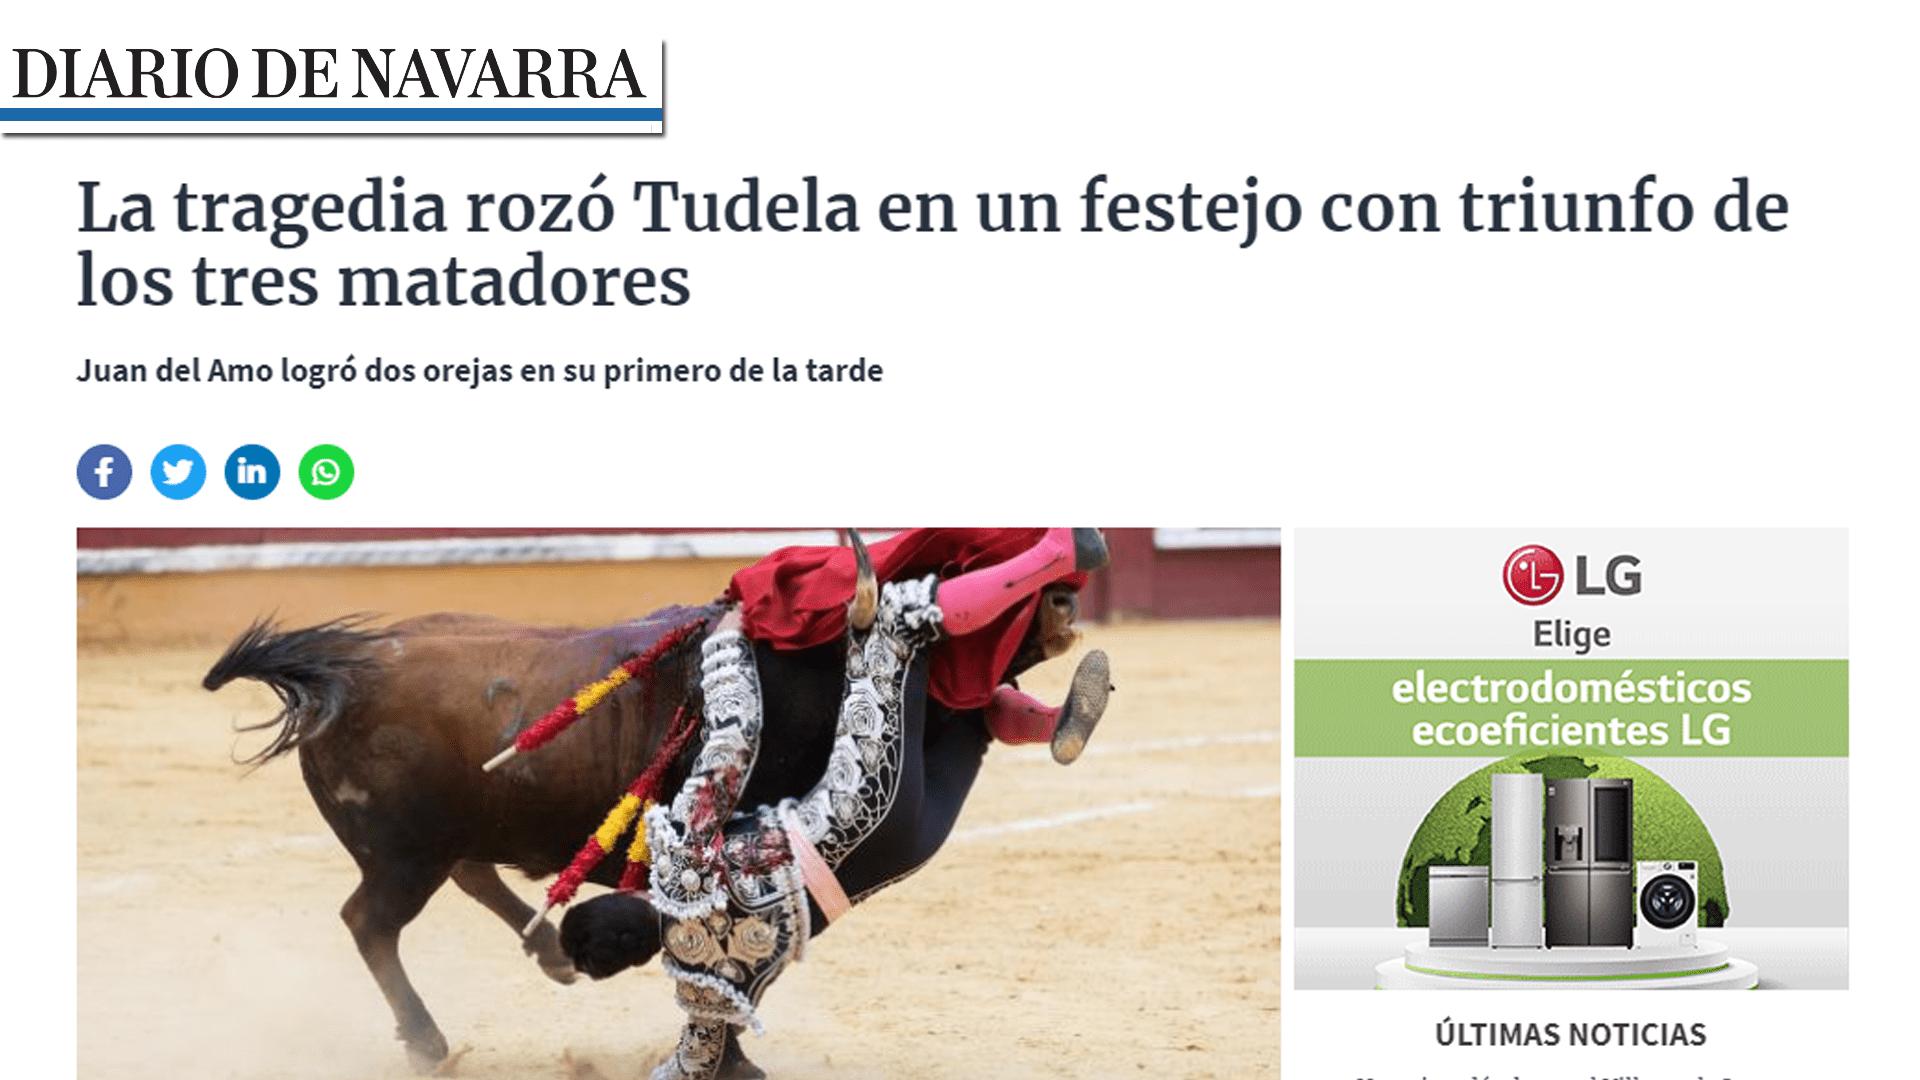 Imanol Sánchez Puert Grande Tudela Portada Diario de Navarra-min